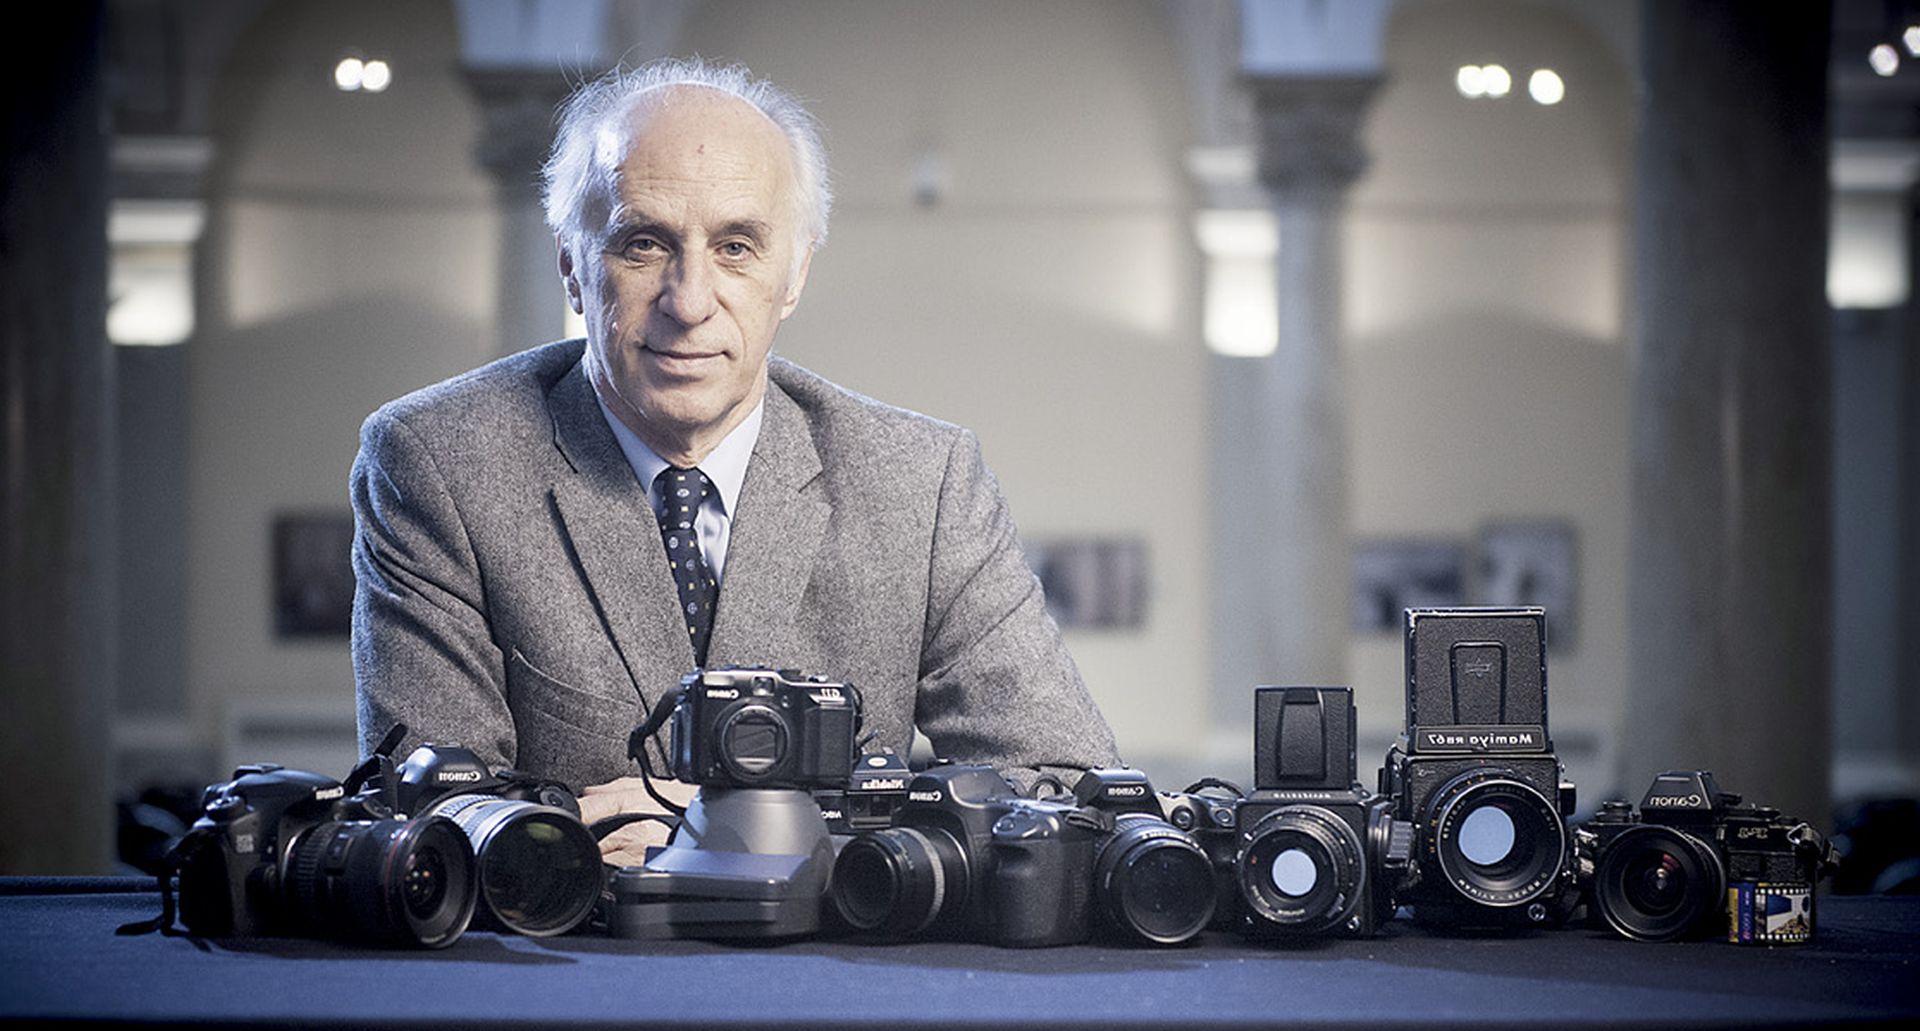 'HRVATSKA FOTOGRAFIJA ODUVIJEK JE U SVJETSKOM VRHU'